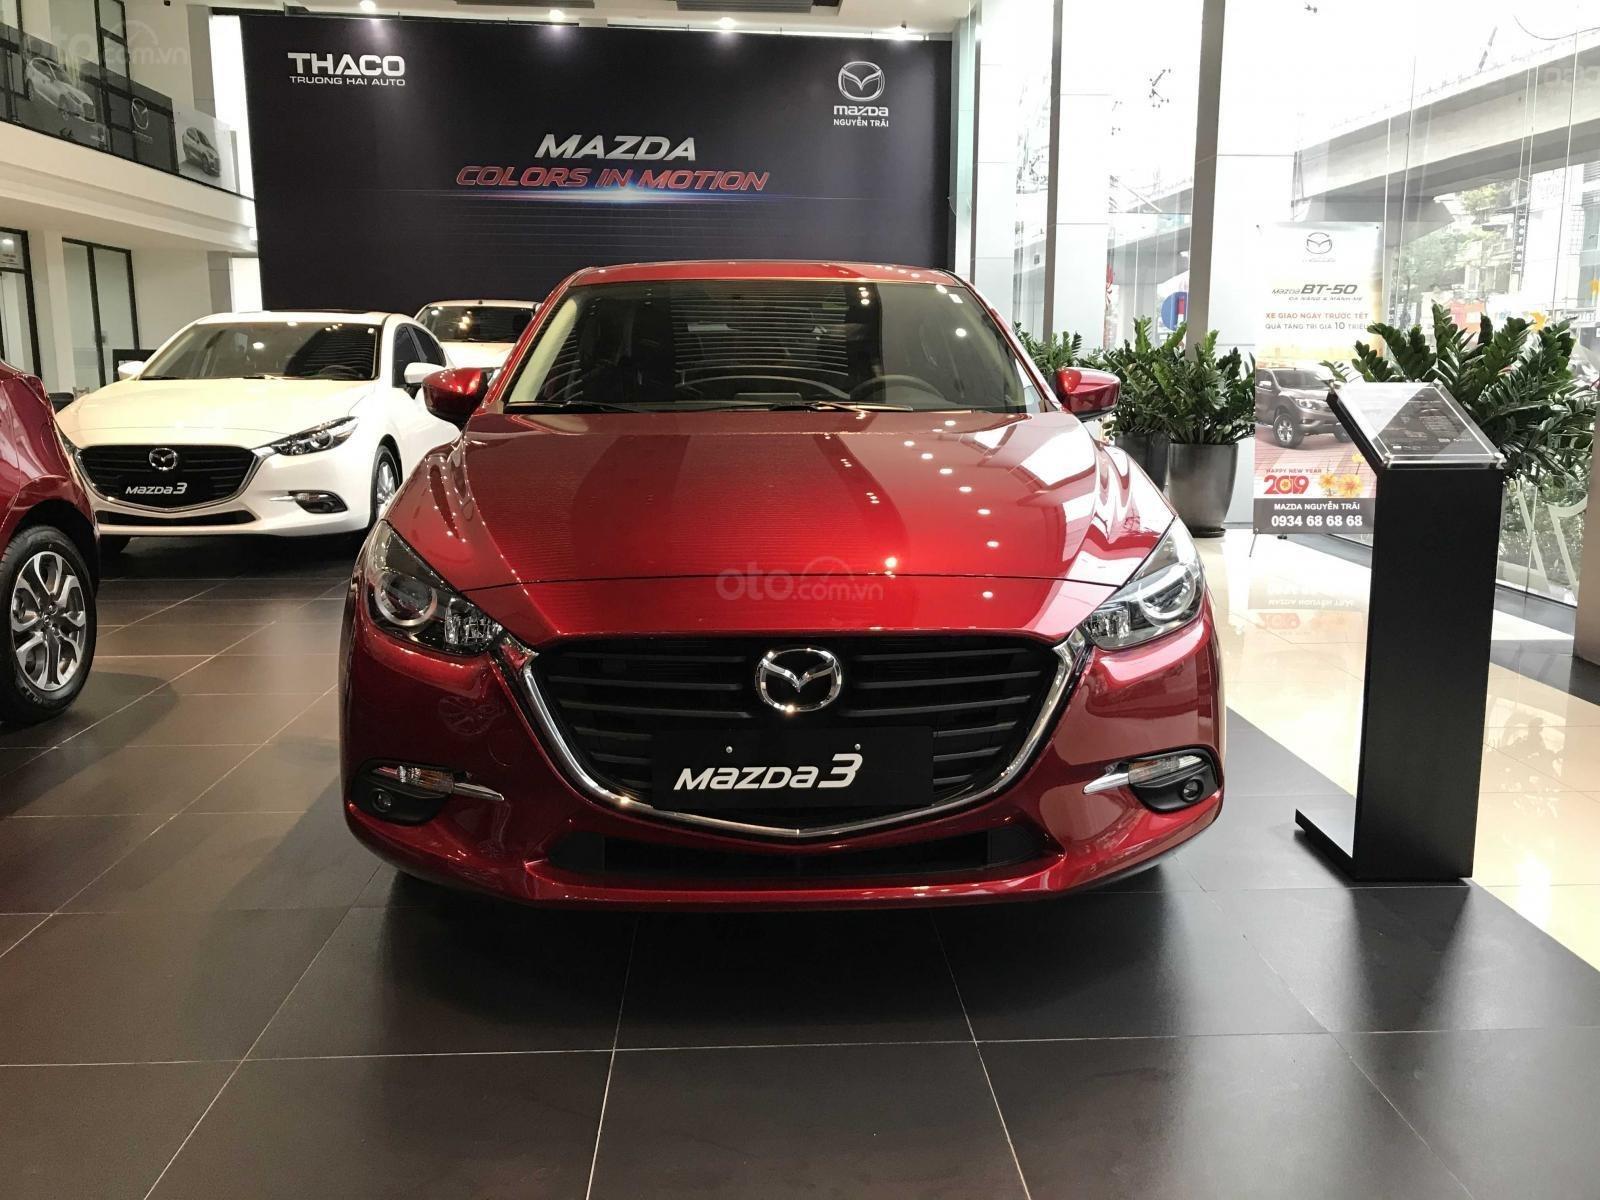 Ra mắt thế hệ mới, Mazda 3 cũ giảm sâu để xả kho a2